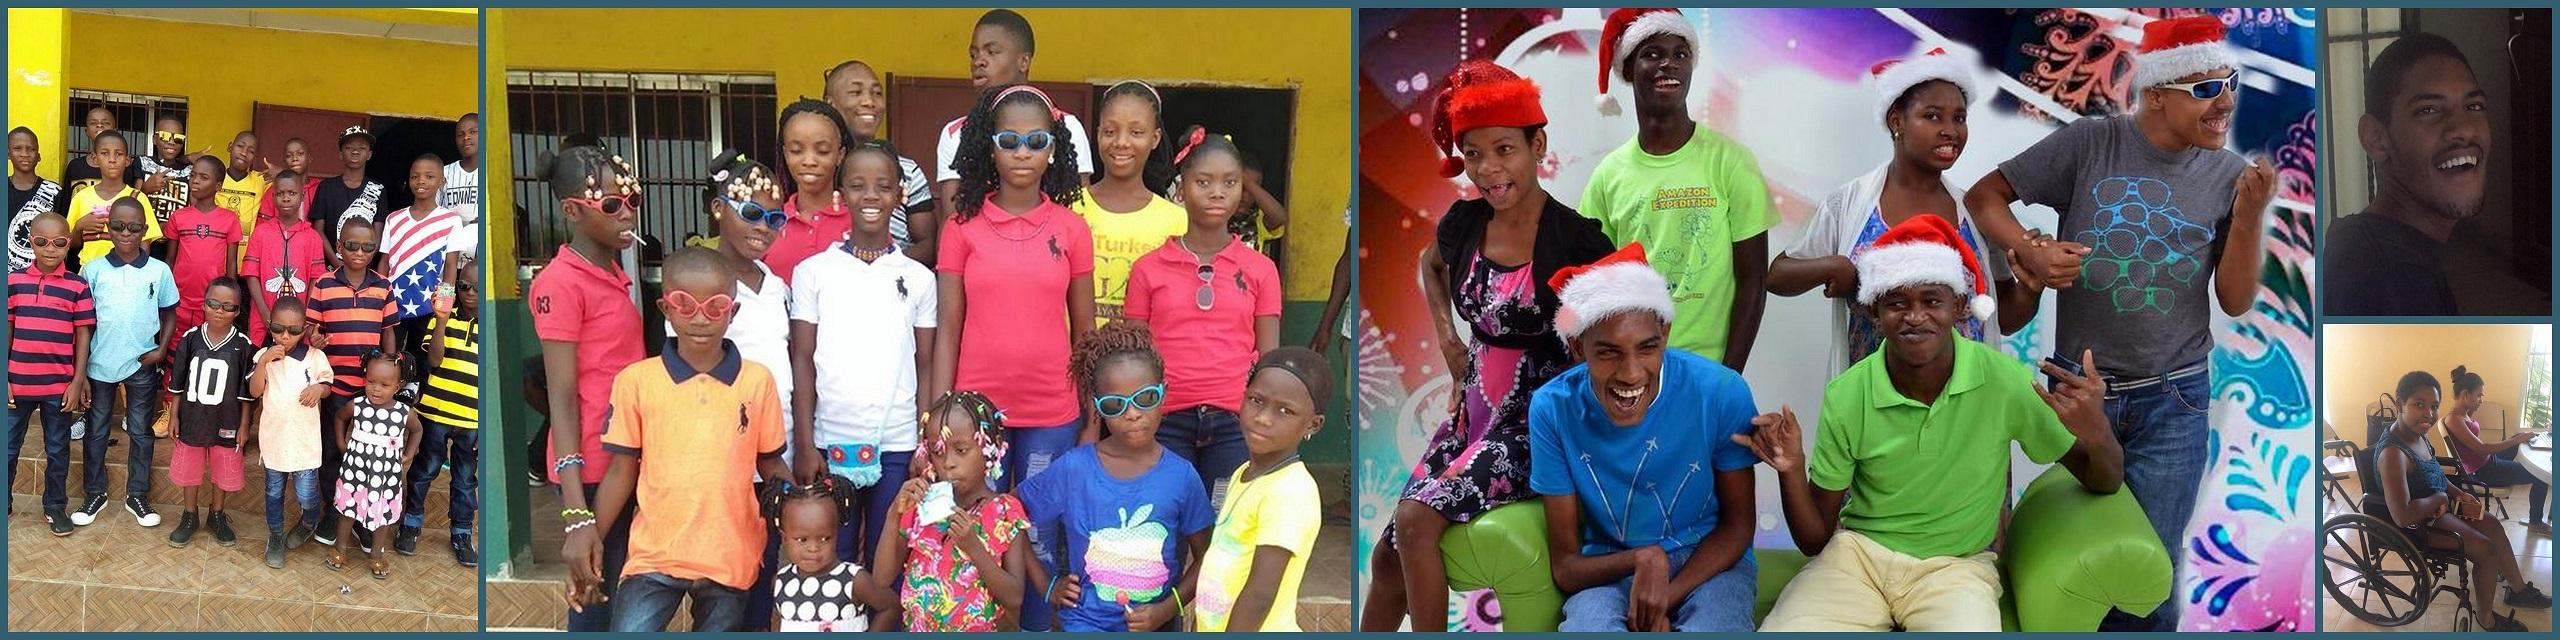 Kidsin the Dominican Republic and Liberia